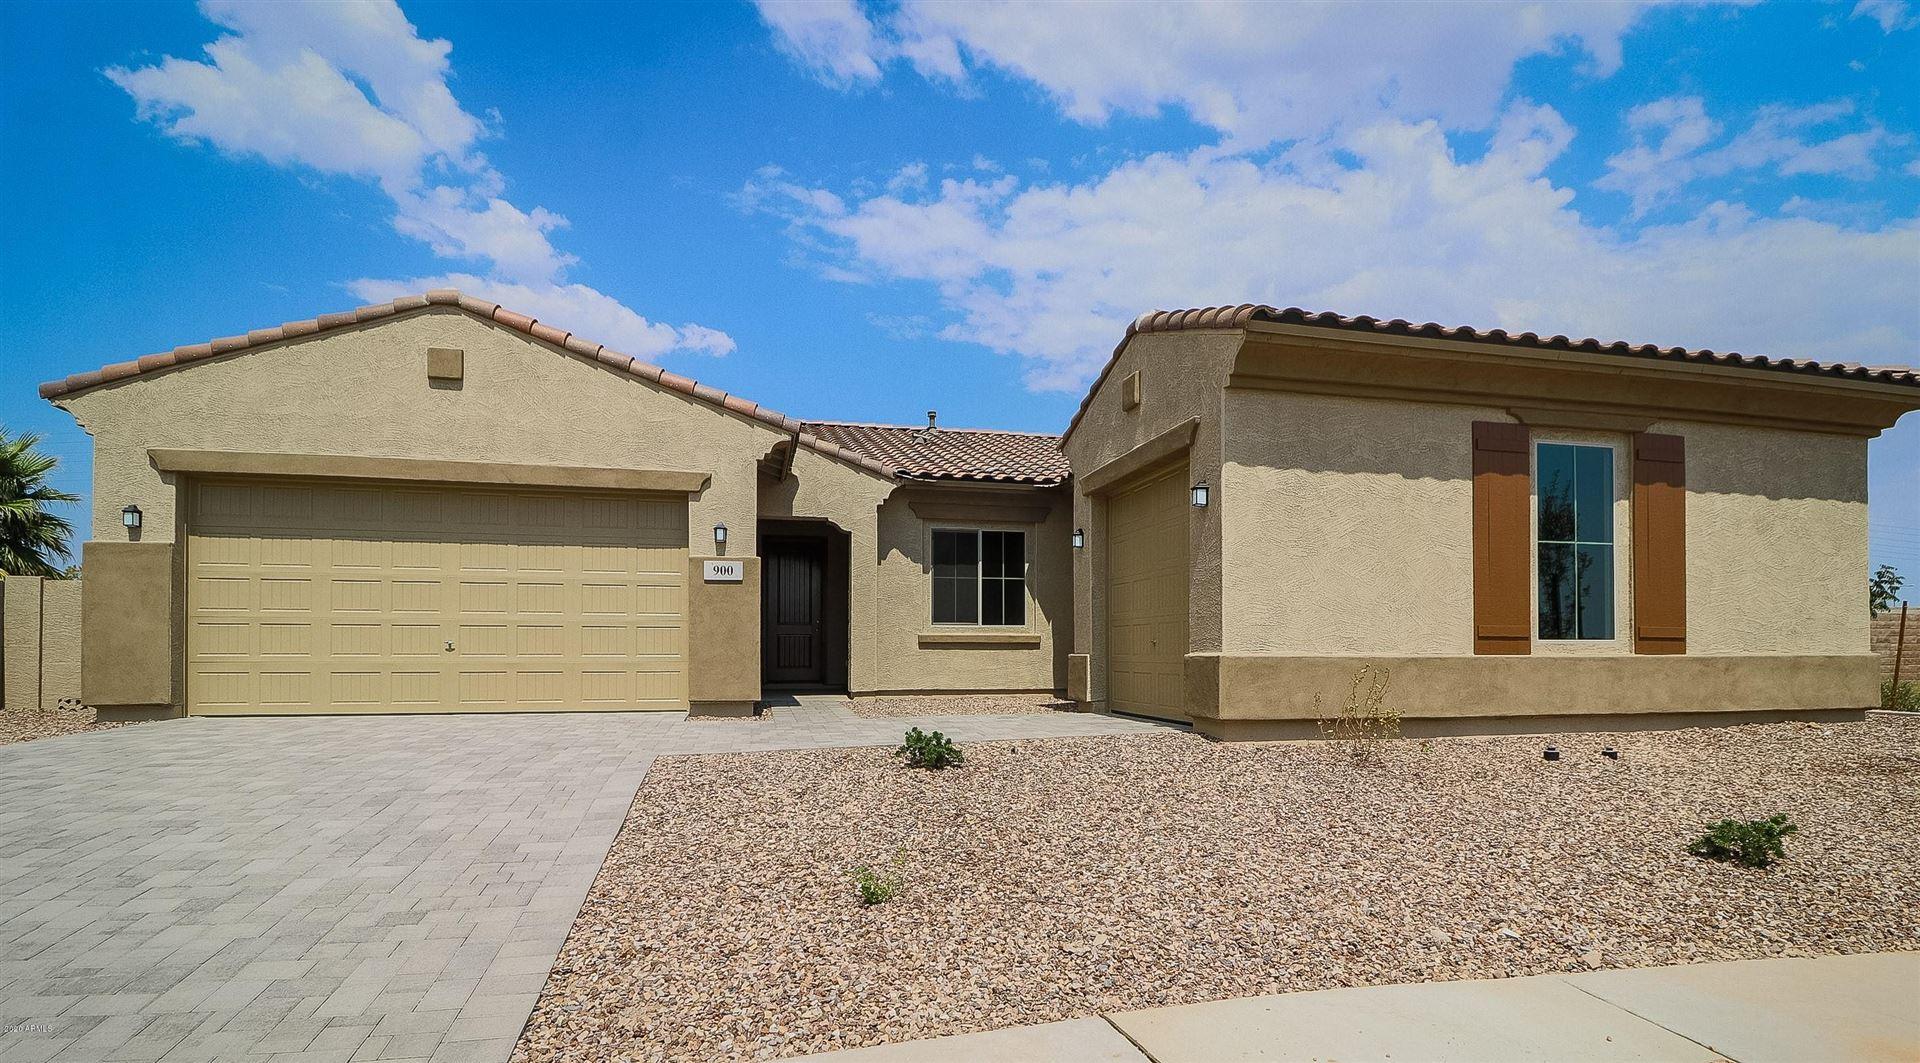 900 W FLAMINGO Drive, Chandler, AZ 85286 - MLS#: 6115944